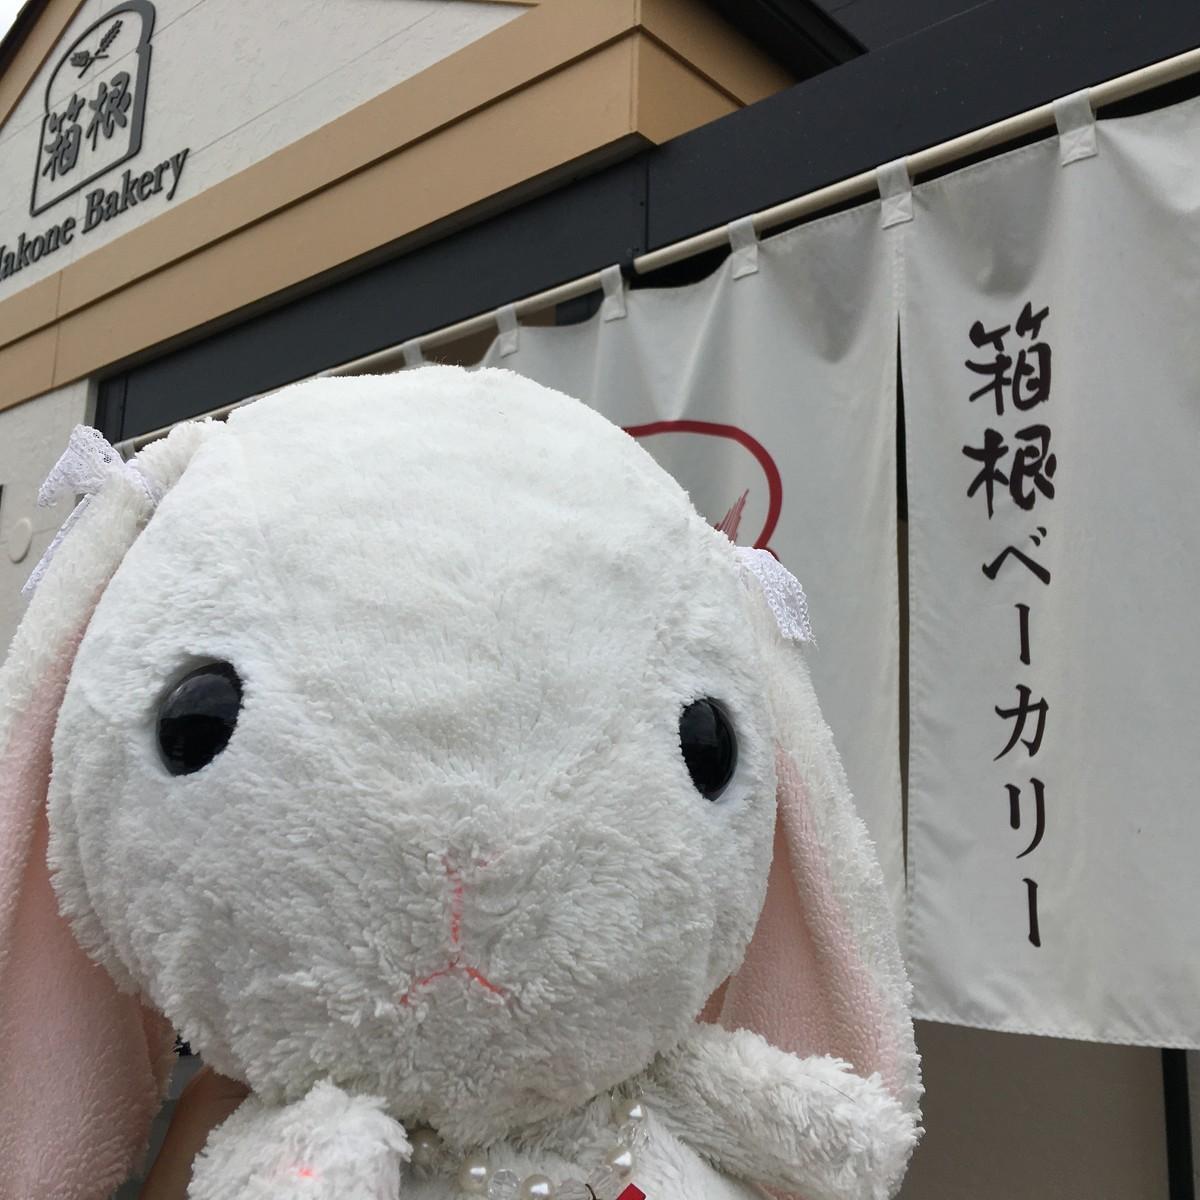 箱根湯本のパン屋さん 箱根ベーカリー イートインできます